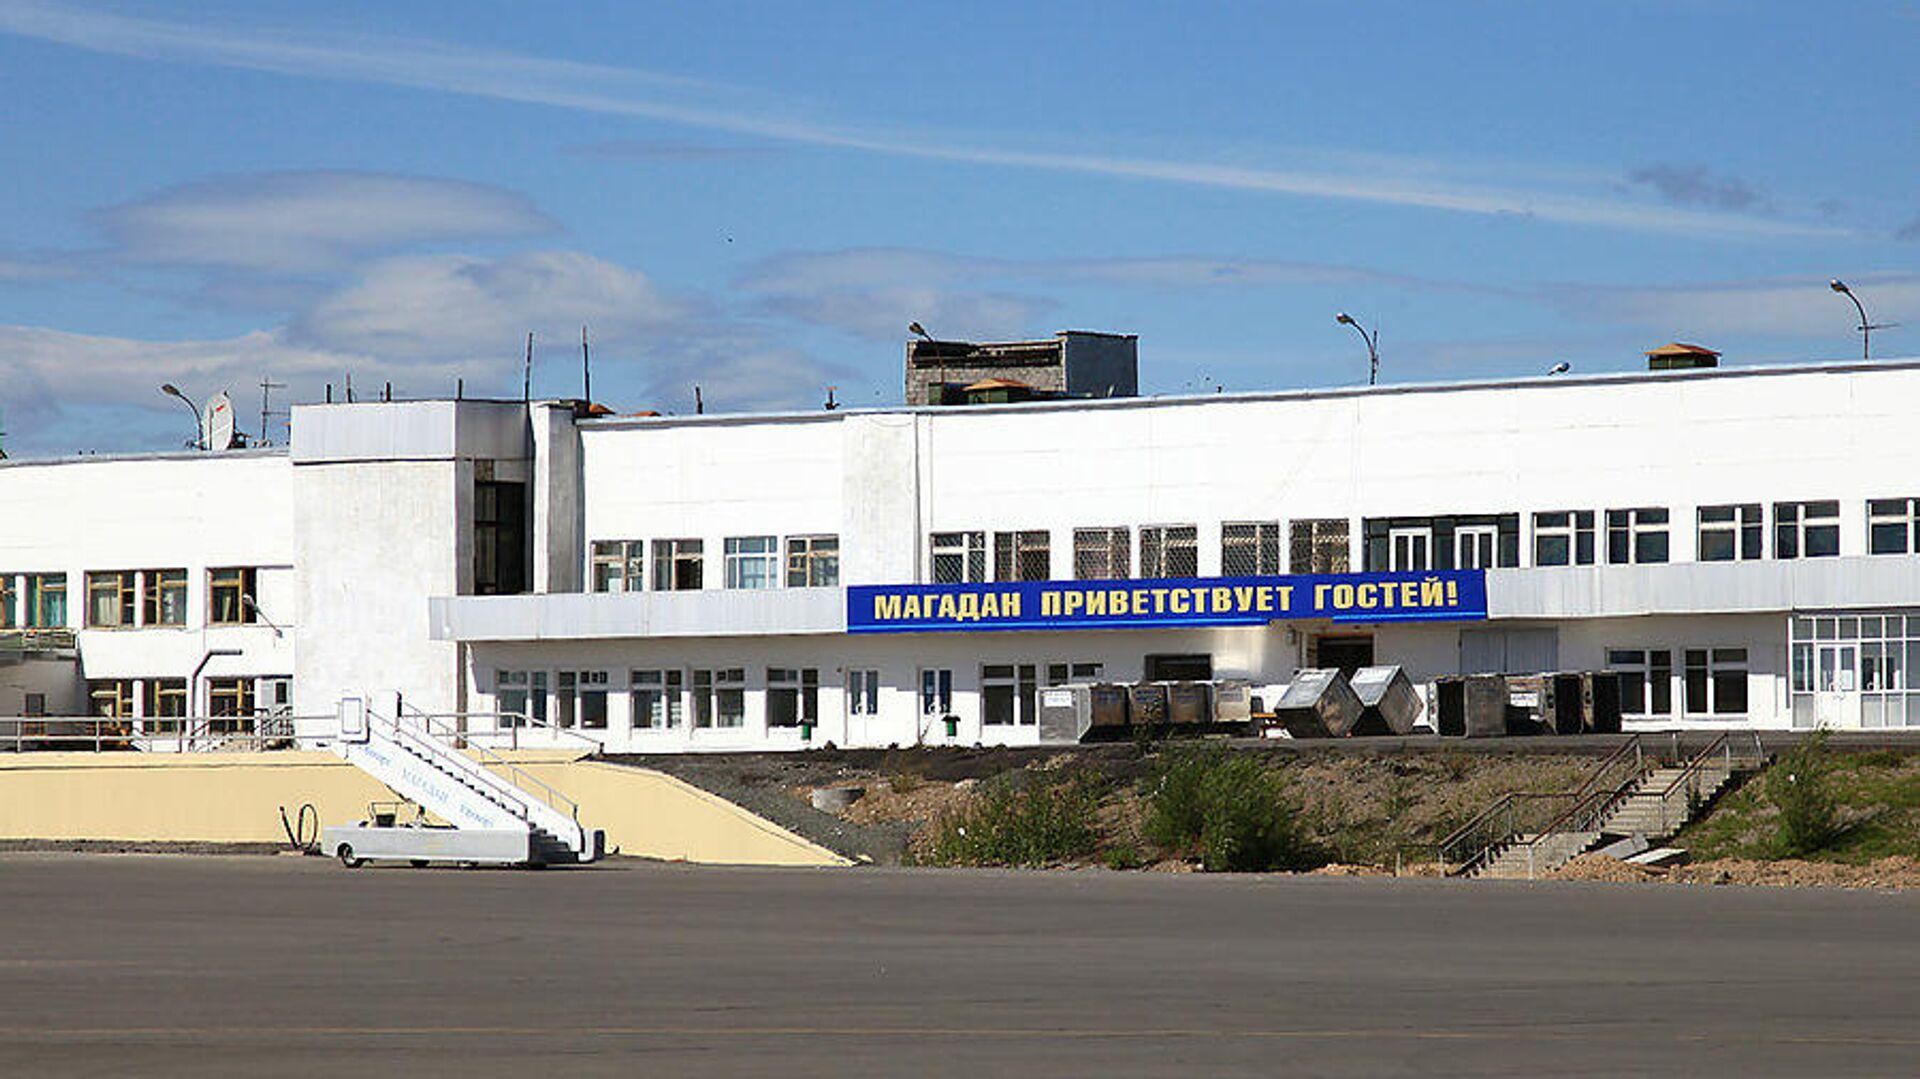 Международный аэропорт Магадан Сокол имени В. С. Высоцкого - РИА Новости, 1920, 14.07.2021